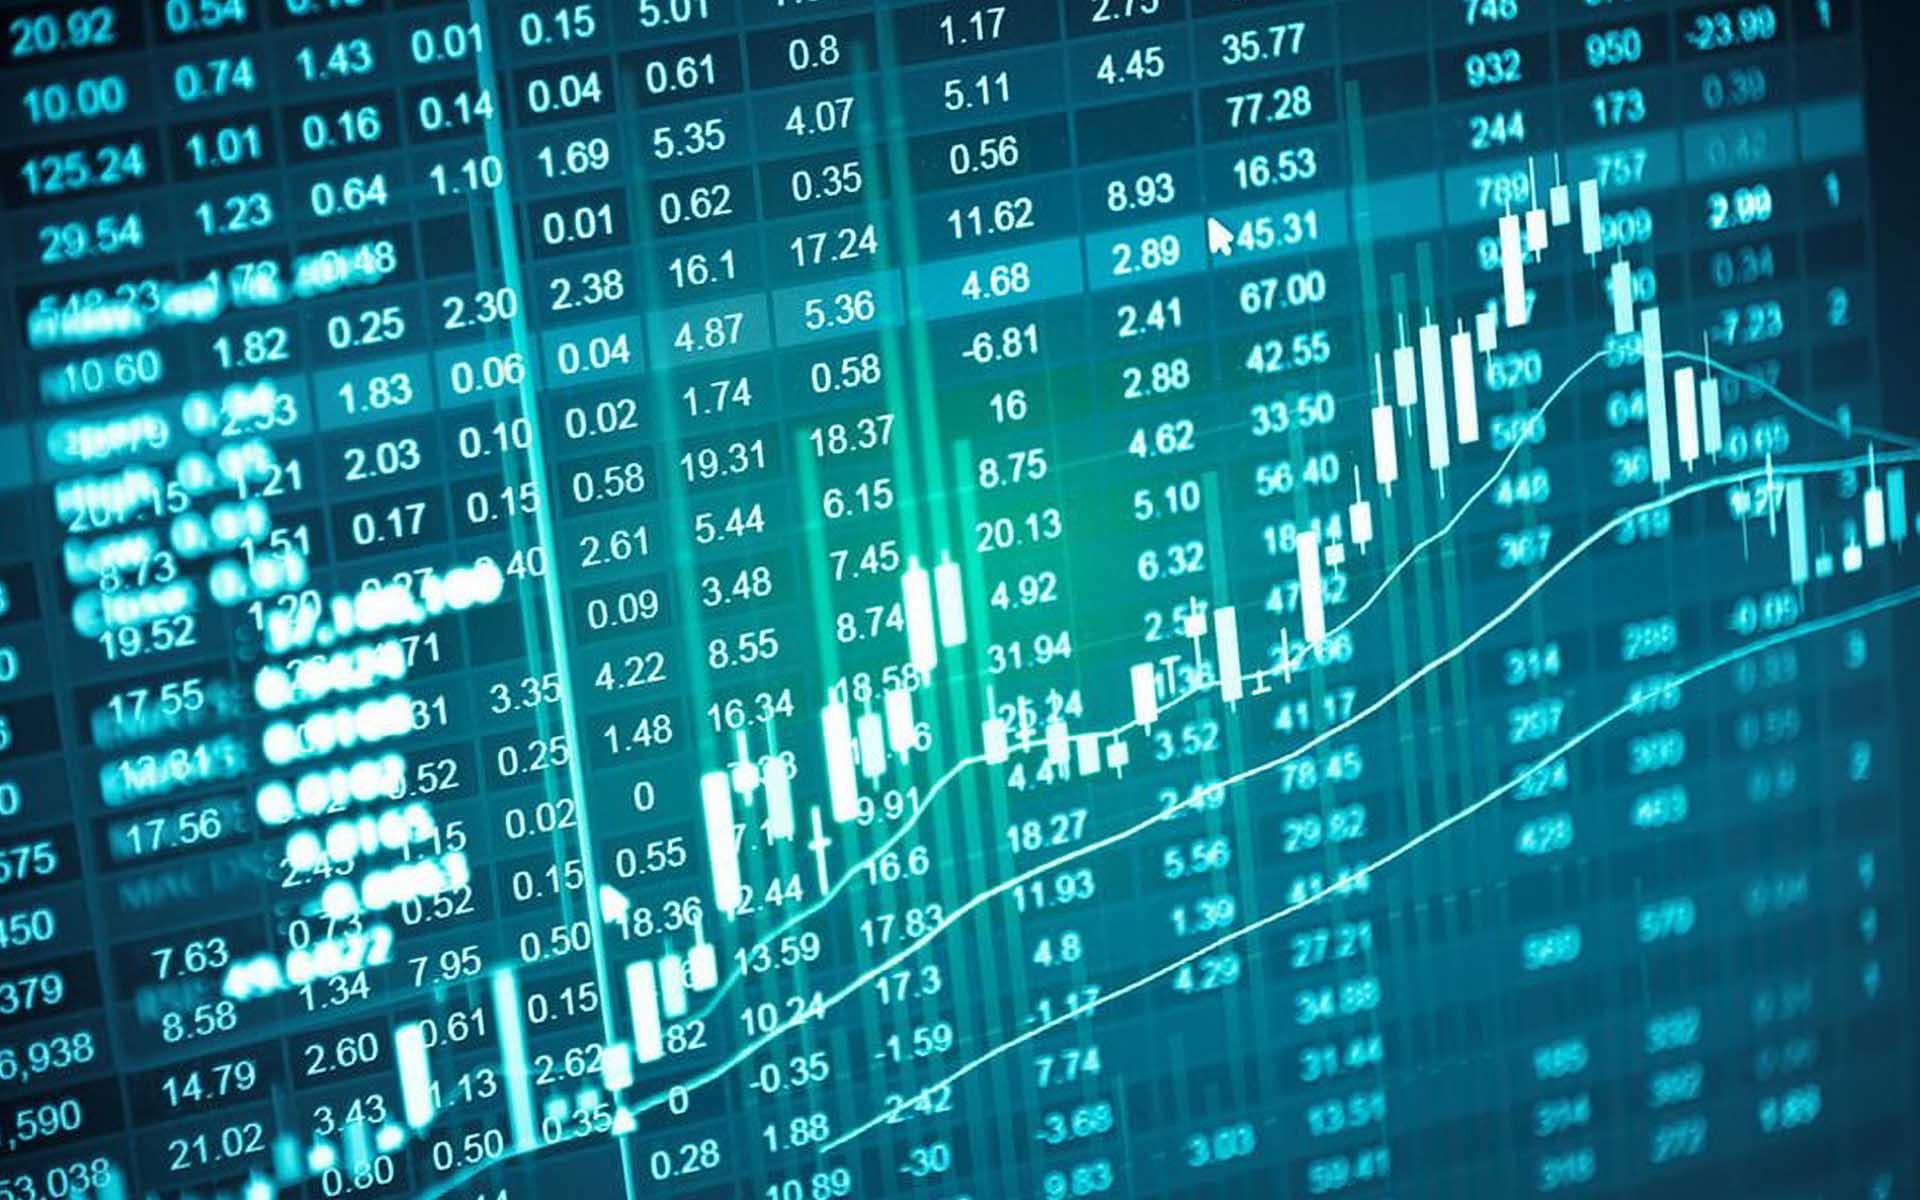 Dolārs tradingview bitcoin